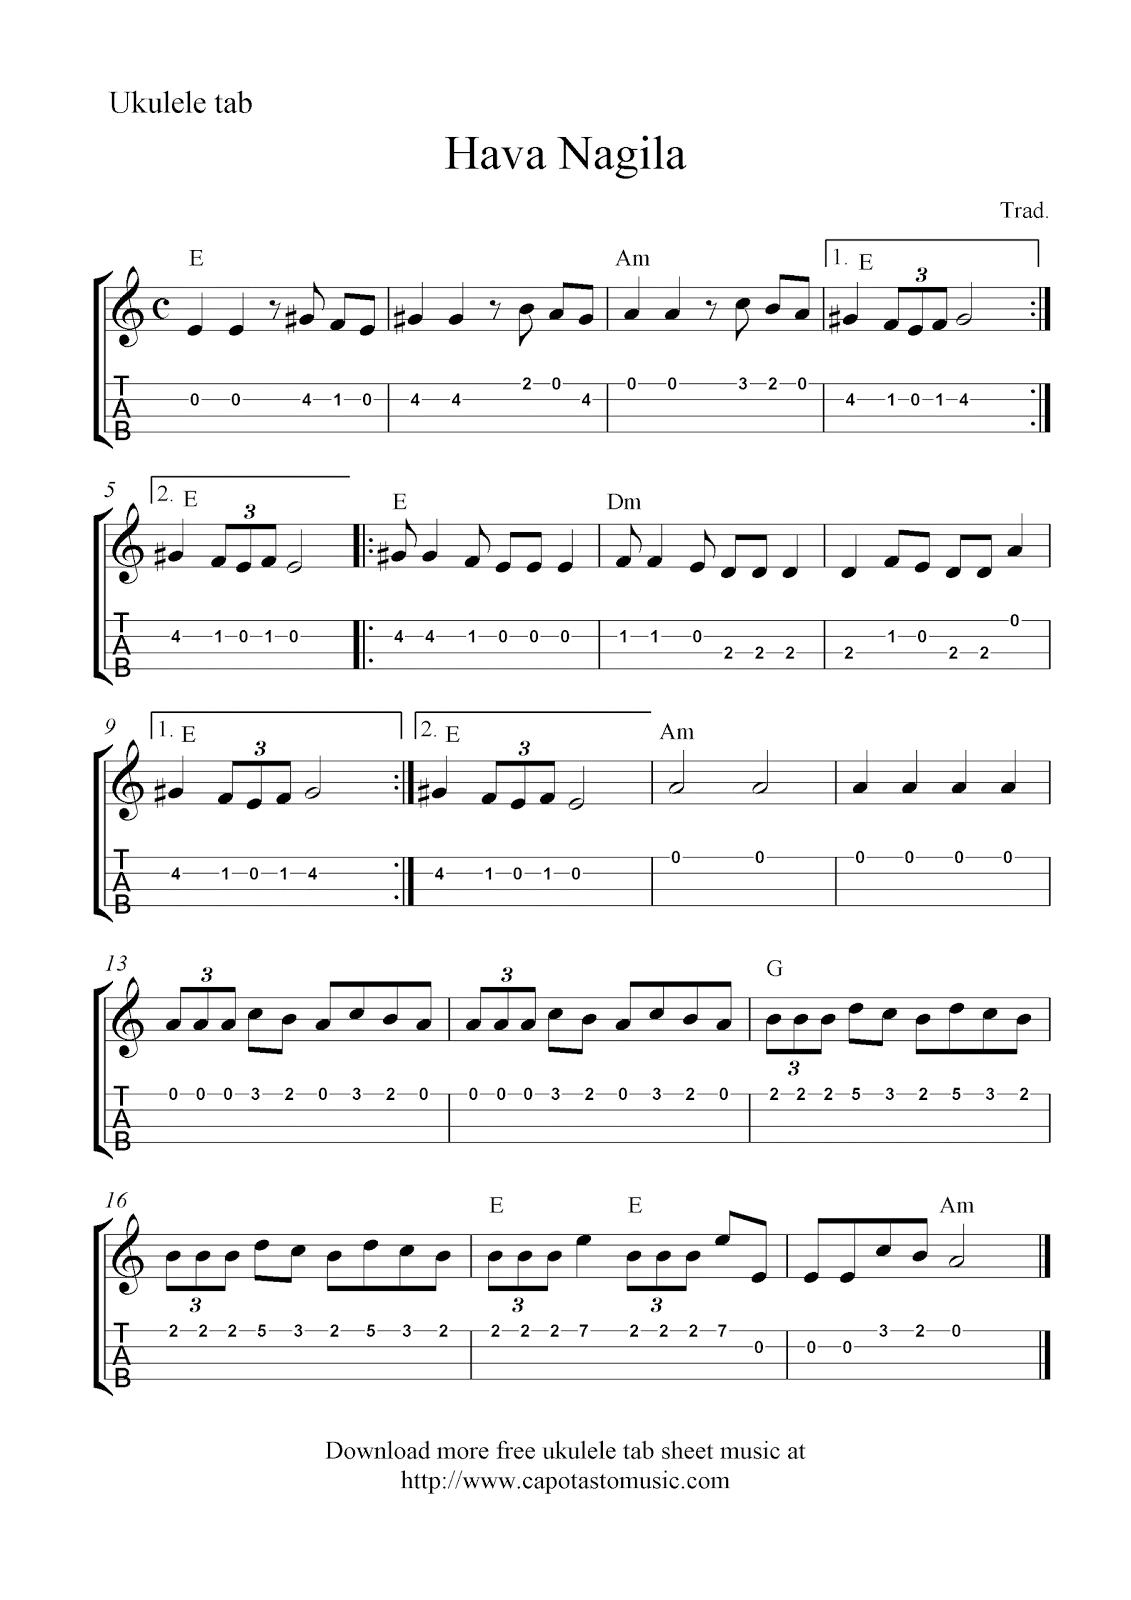 Ukulele Sheet Music Free